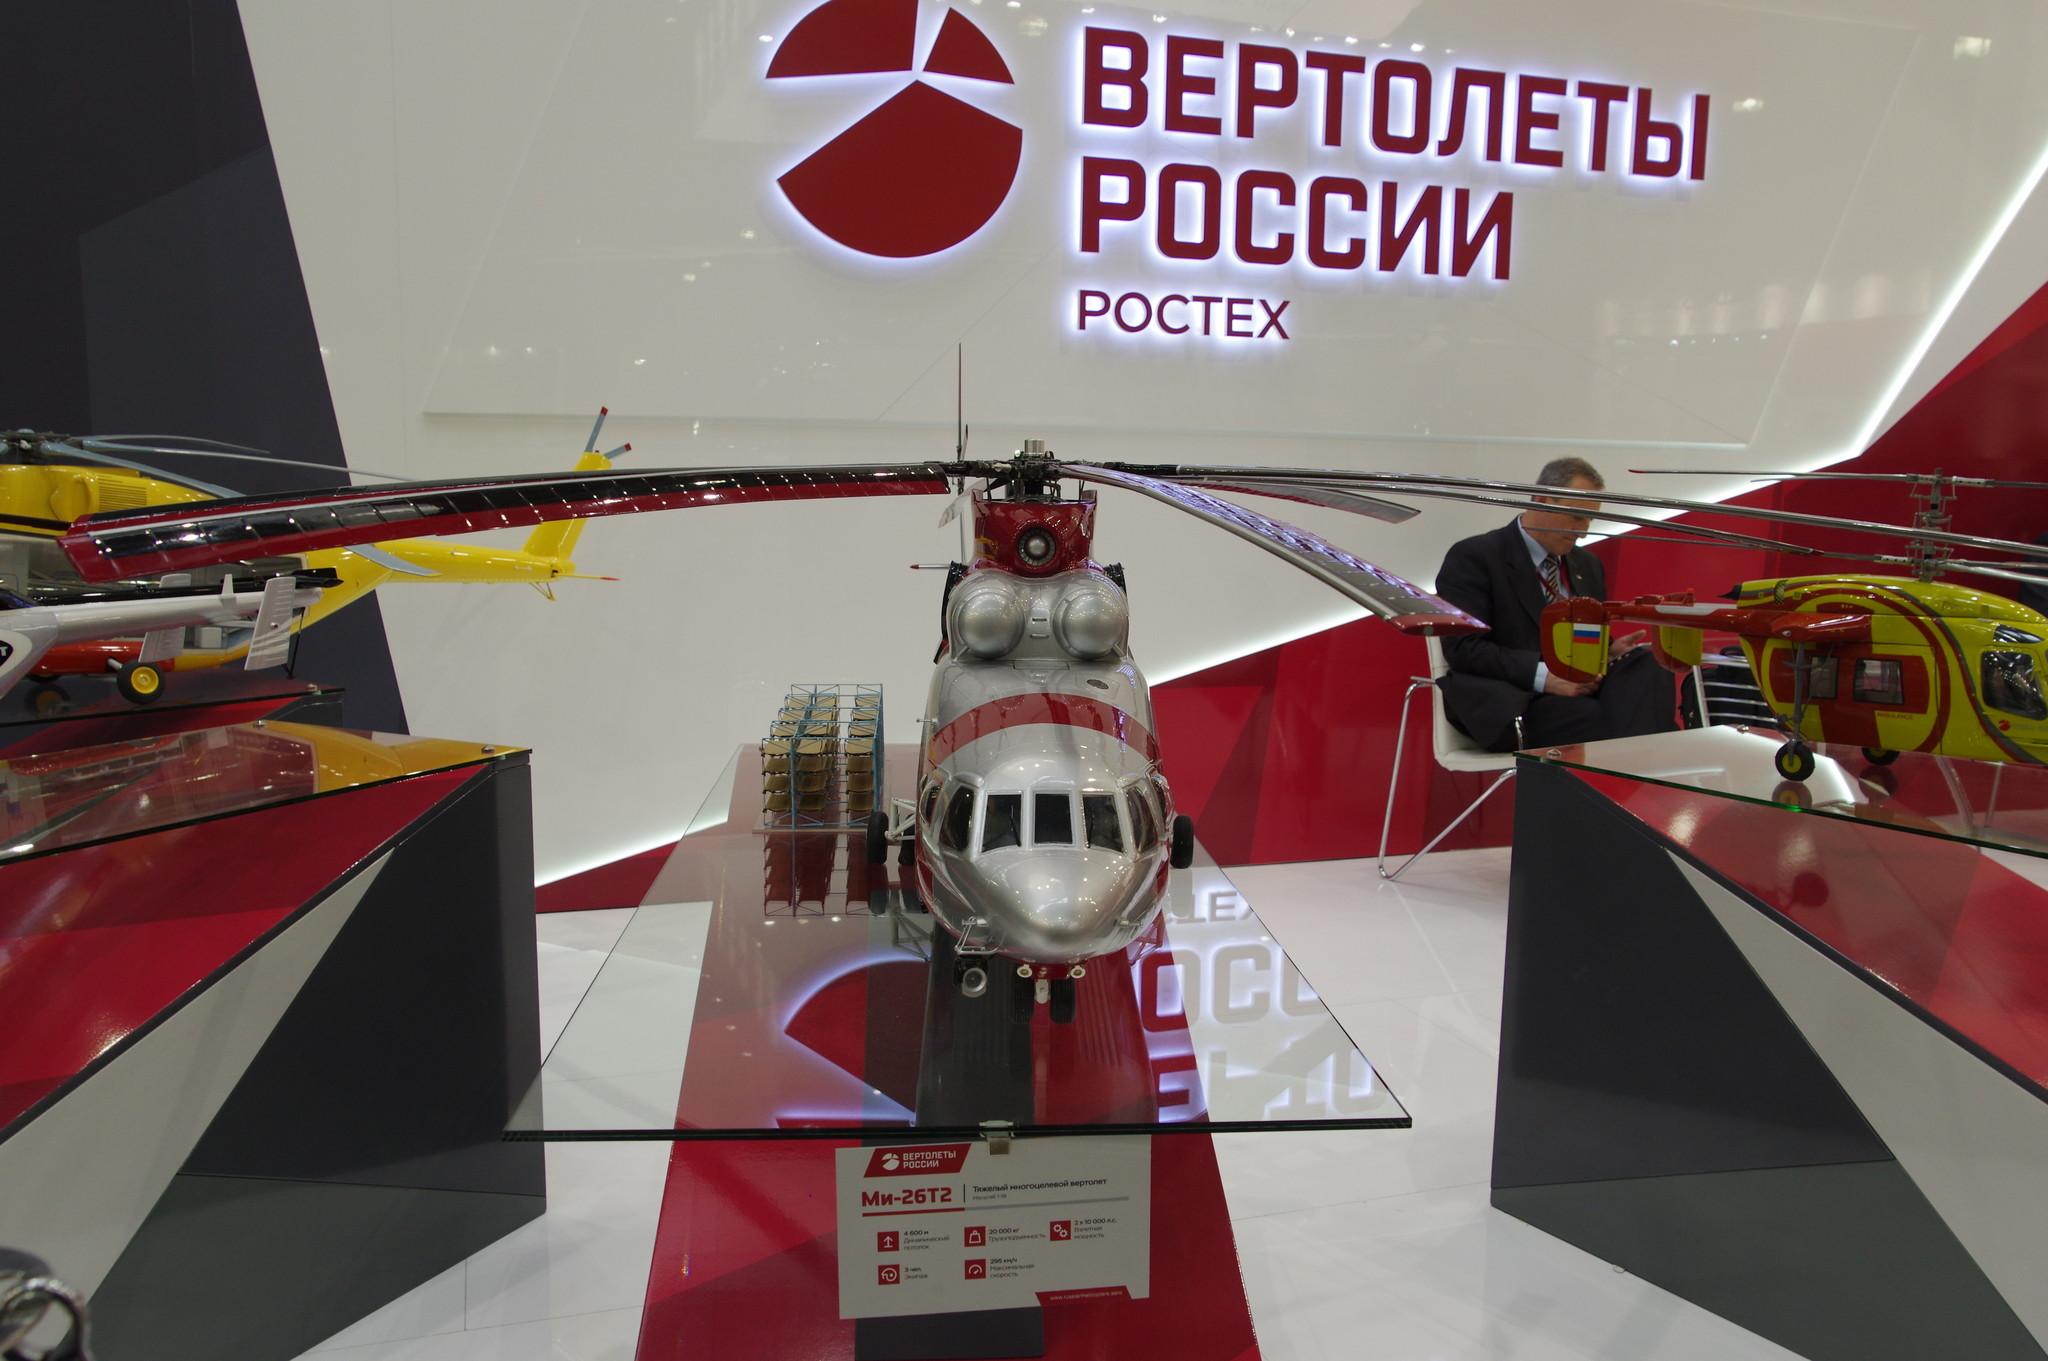 Модель вертолёта Ми-26Т2